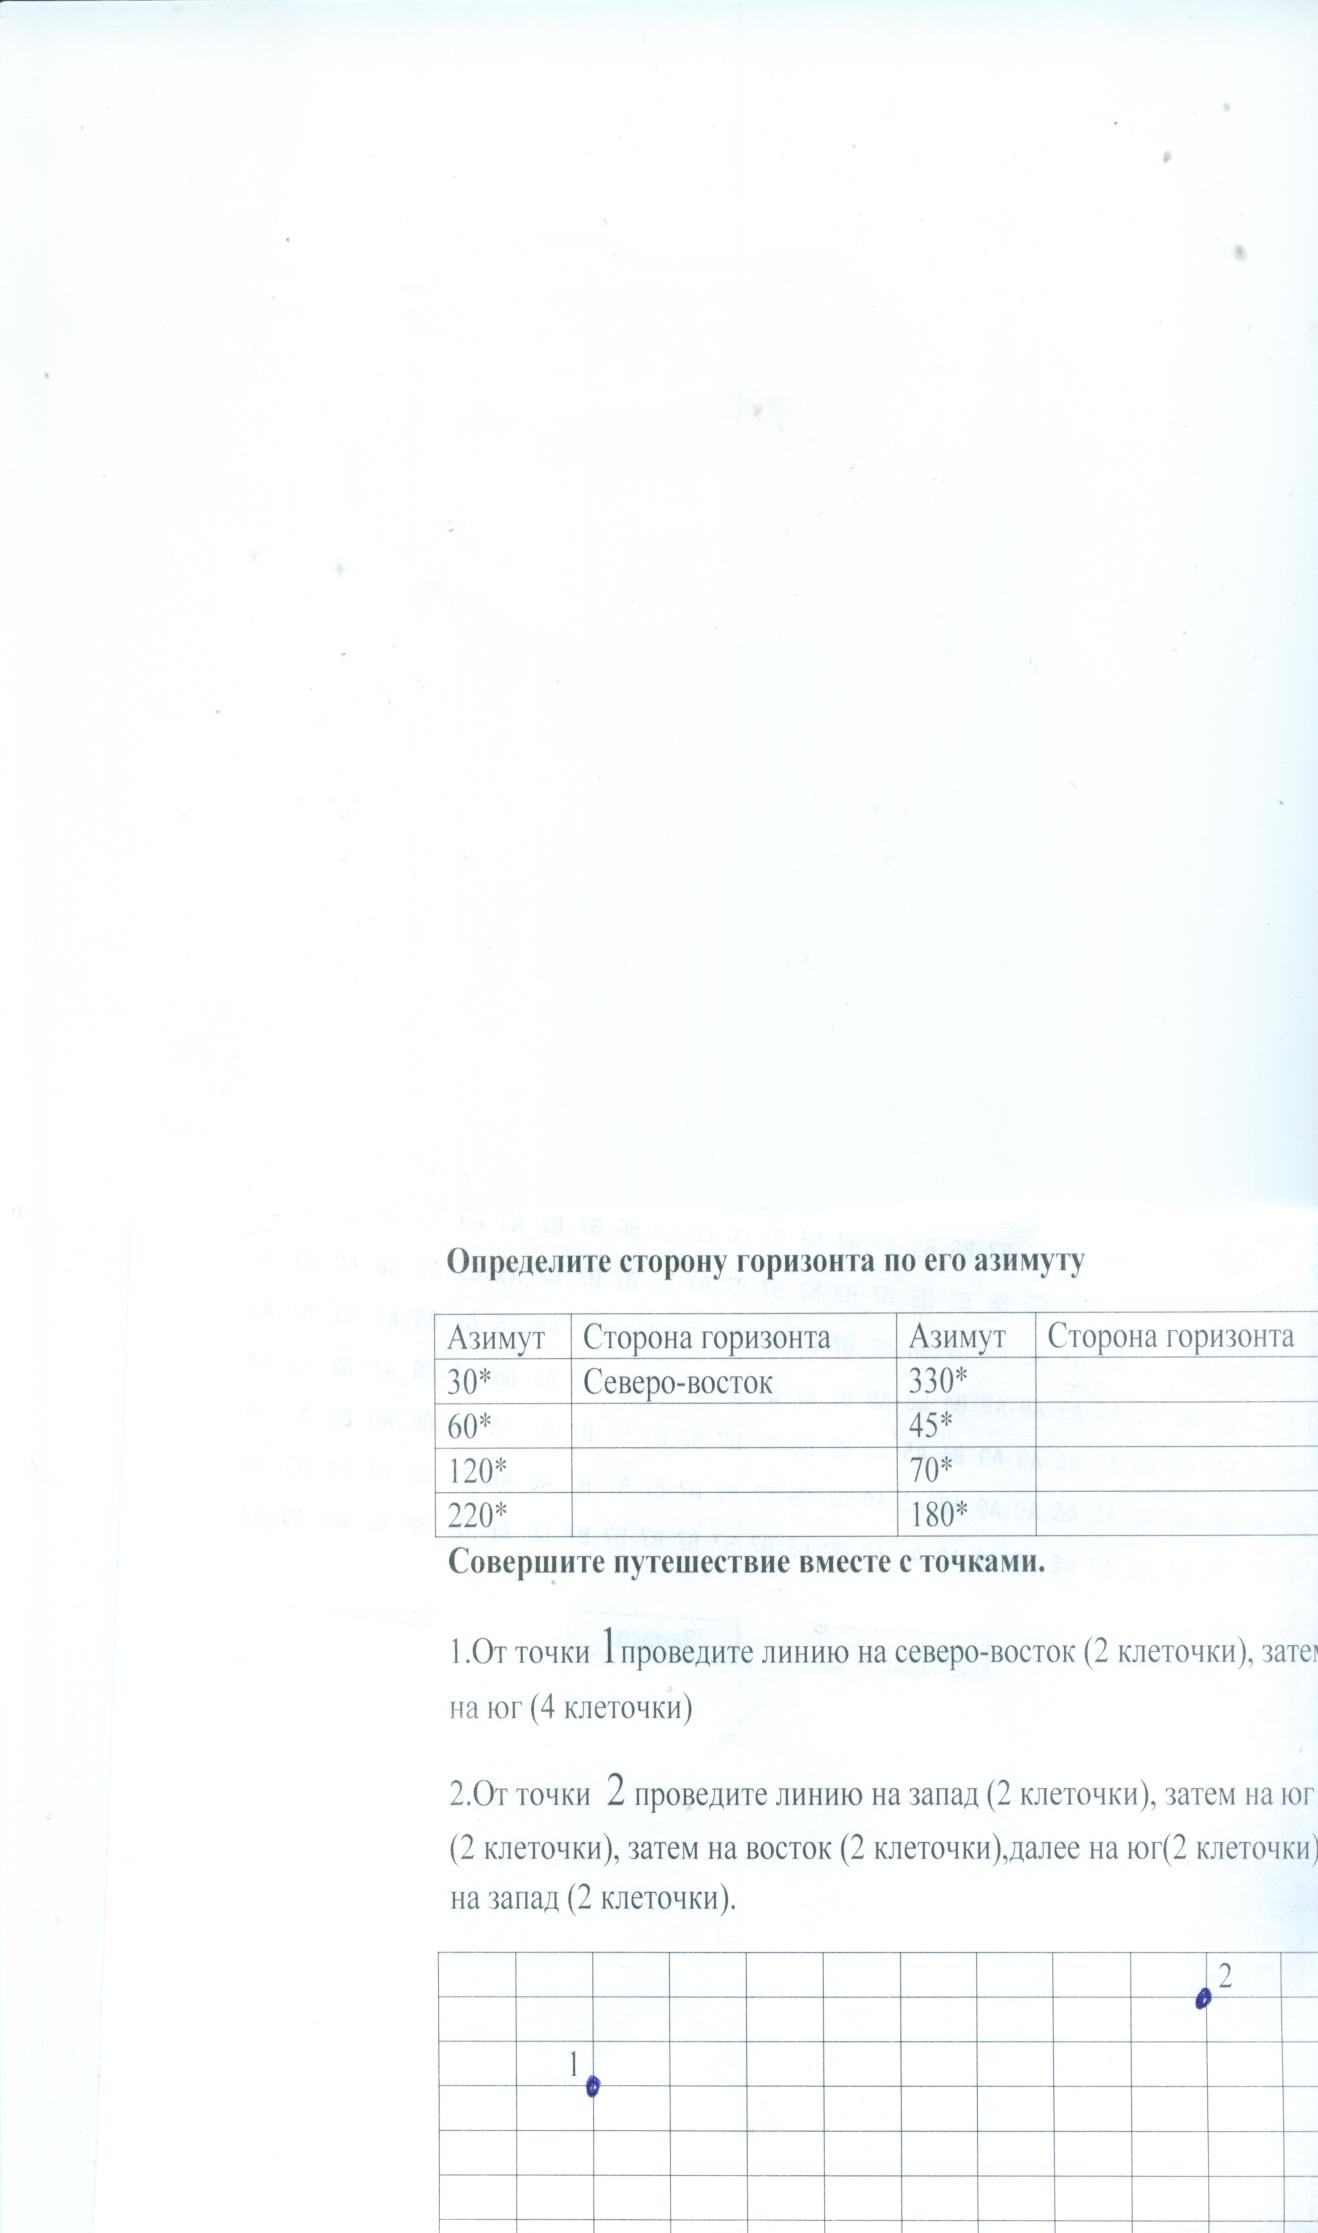 D:\Documents\сканирование\20141215\Image4.bmp